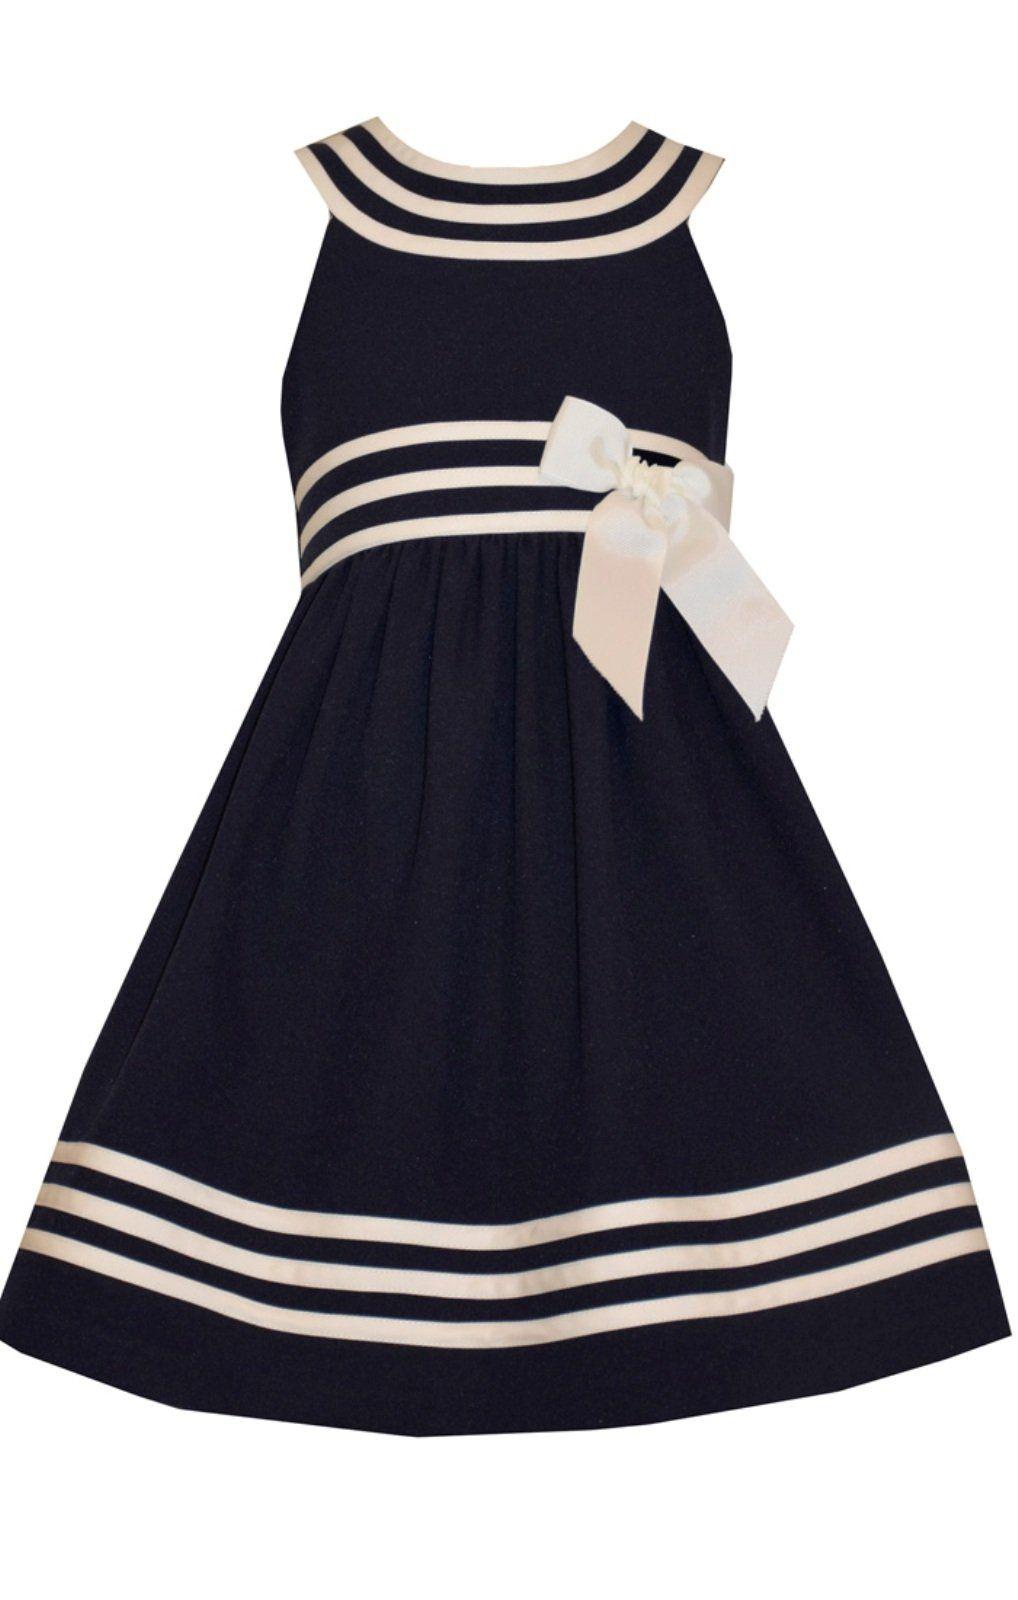 Flower girl dress bonnie jean girls easter white navy